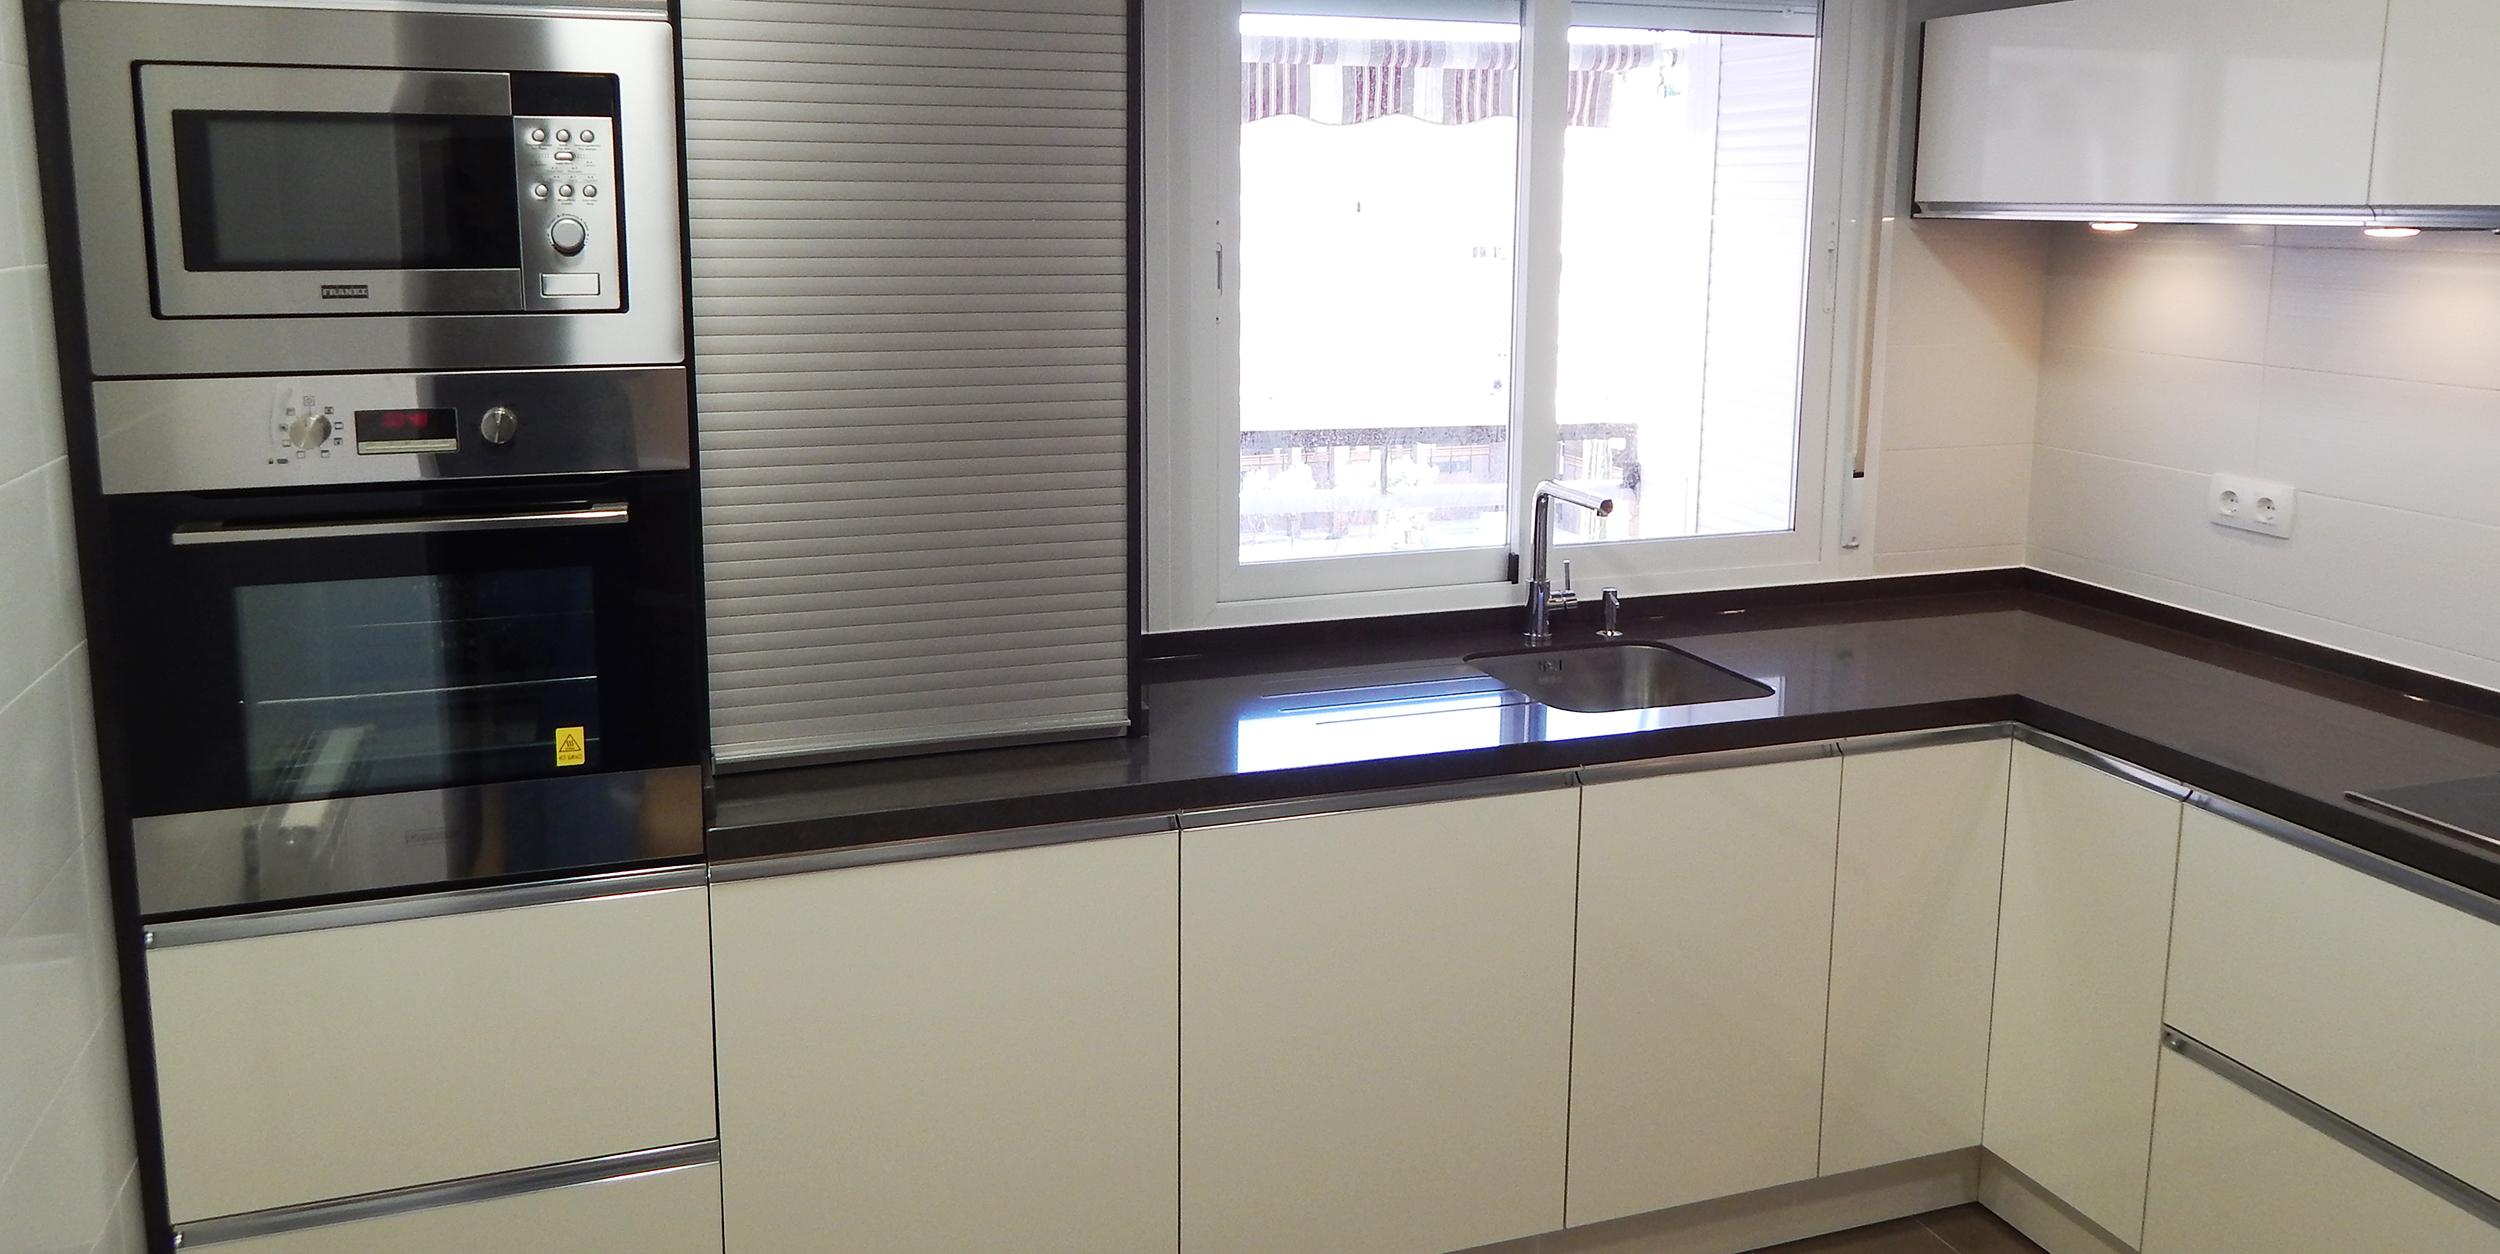 Muebles de cocina neo magnolia for Muebles de cocina hipercosa